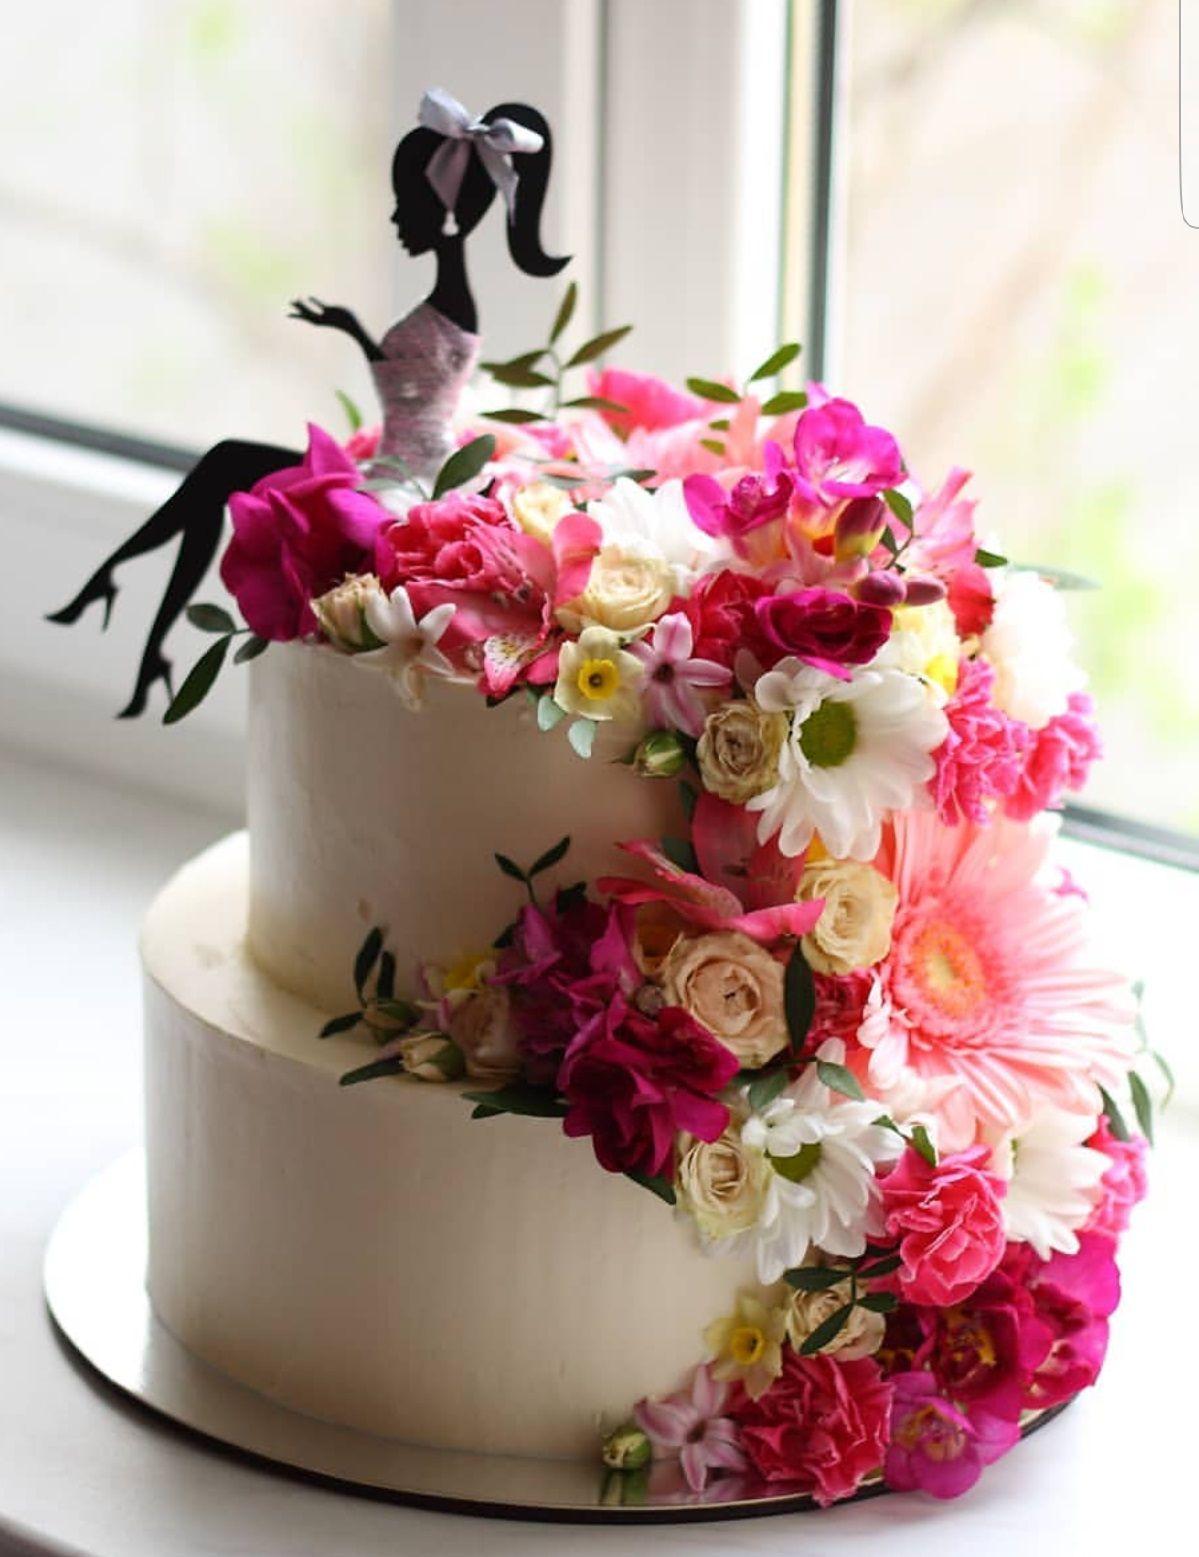 растение, которое цветочный торт картинки появляется